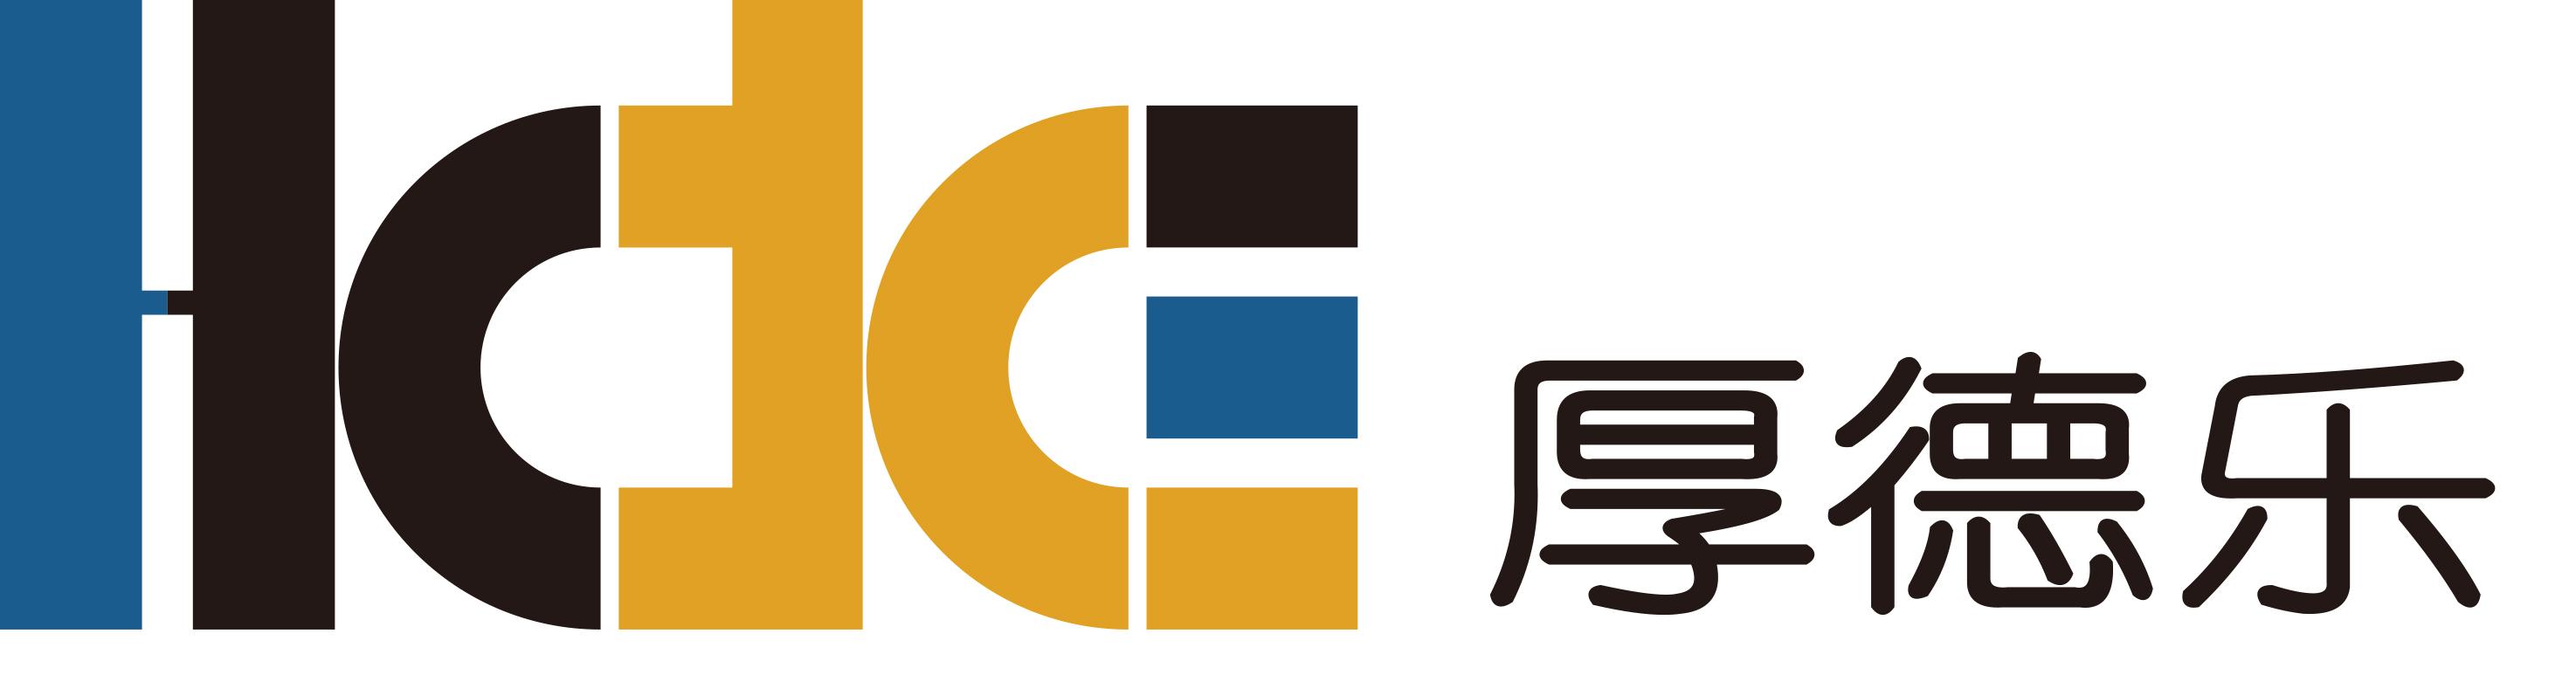 北京厚德樂機電設備有限責任公司